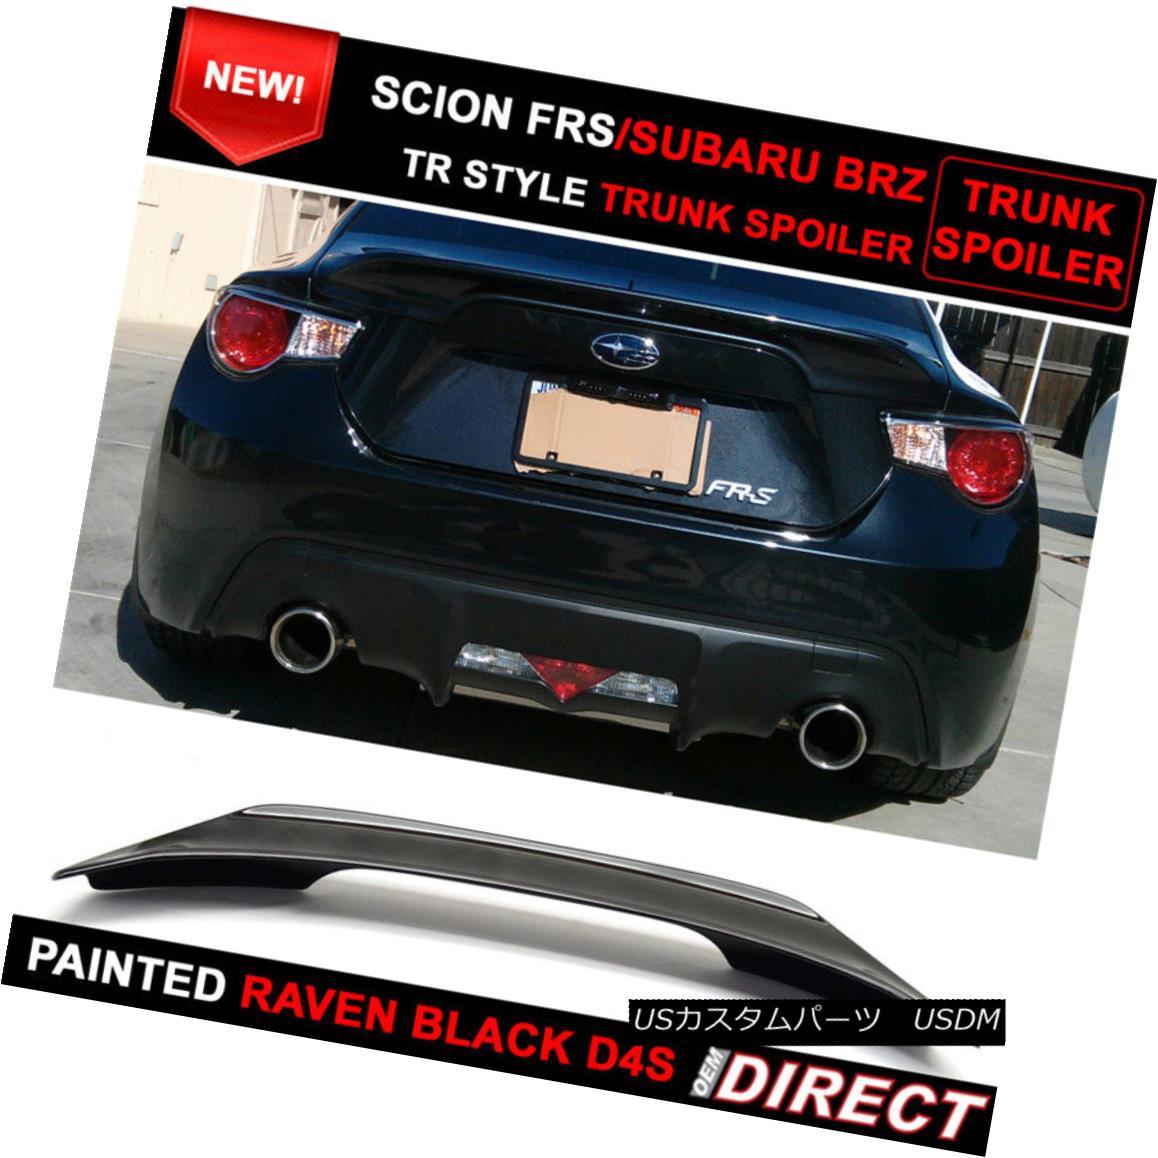 エアロパーツ Fit For 13-17 OE Crystal Black #D4S Scion FRS Subaru BRZ Tr Trunk Spoiler フィット13-17 OEクリスタルブラック#D4SサイオンFRSスバルBRZ Trトランクスポイラー